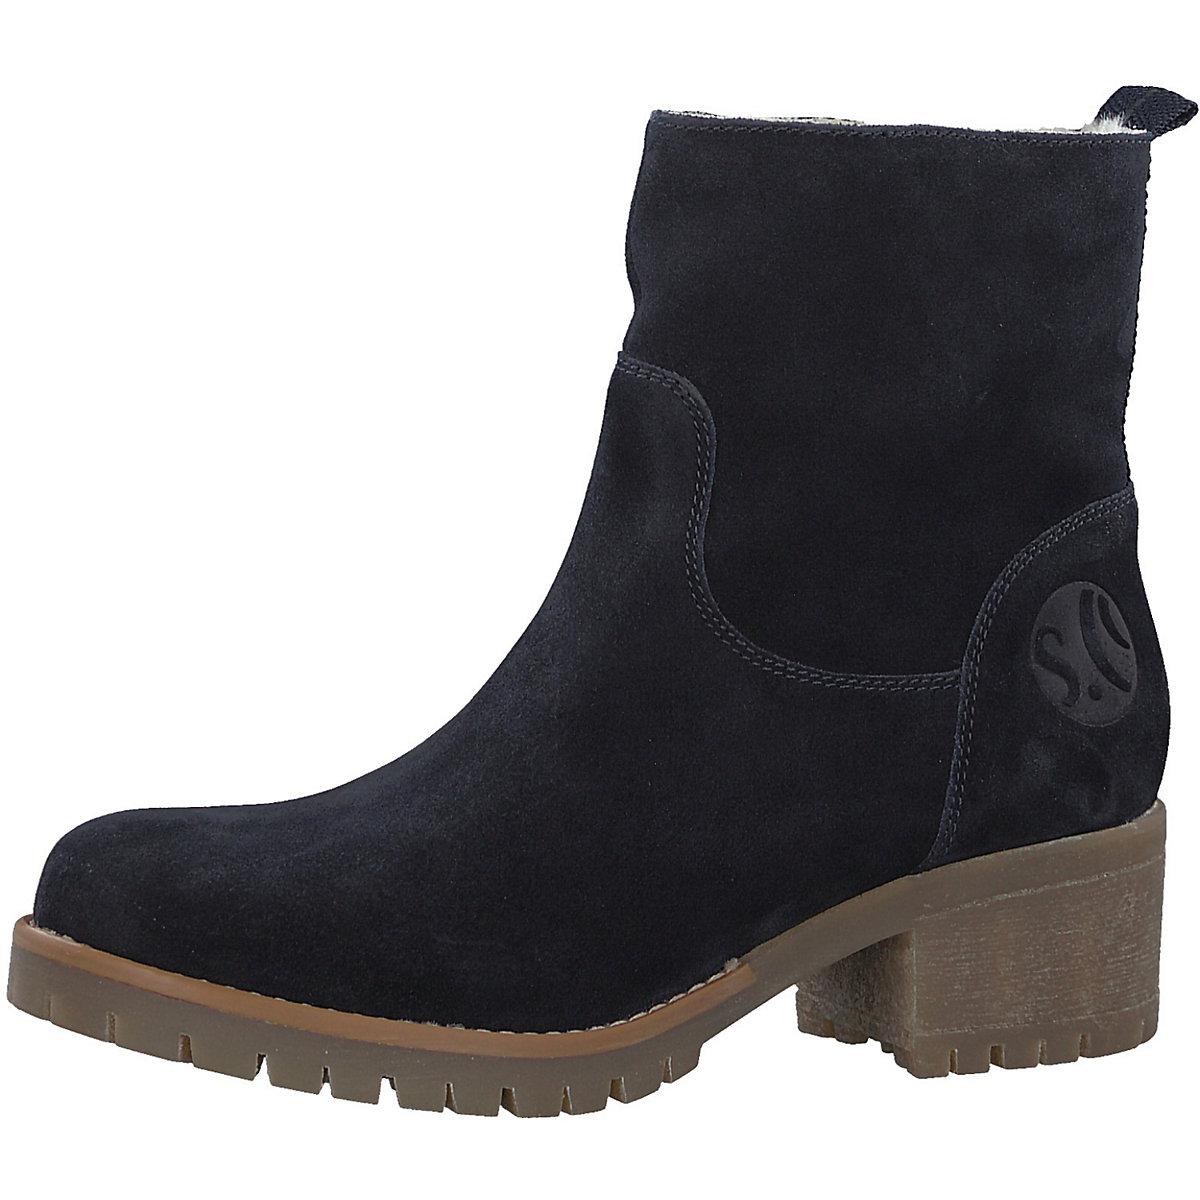 S.Oliver, Winterstiefeletten, dunkelblau  Gute Qualität beliebte Schuhe